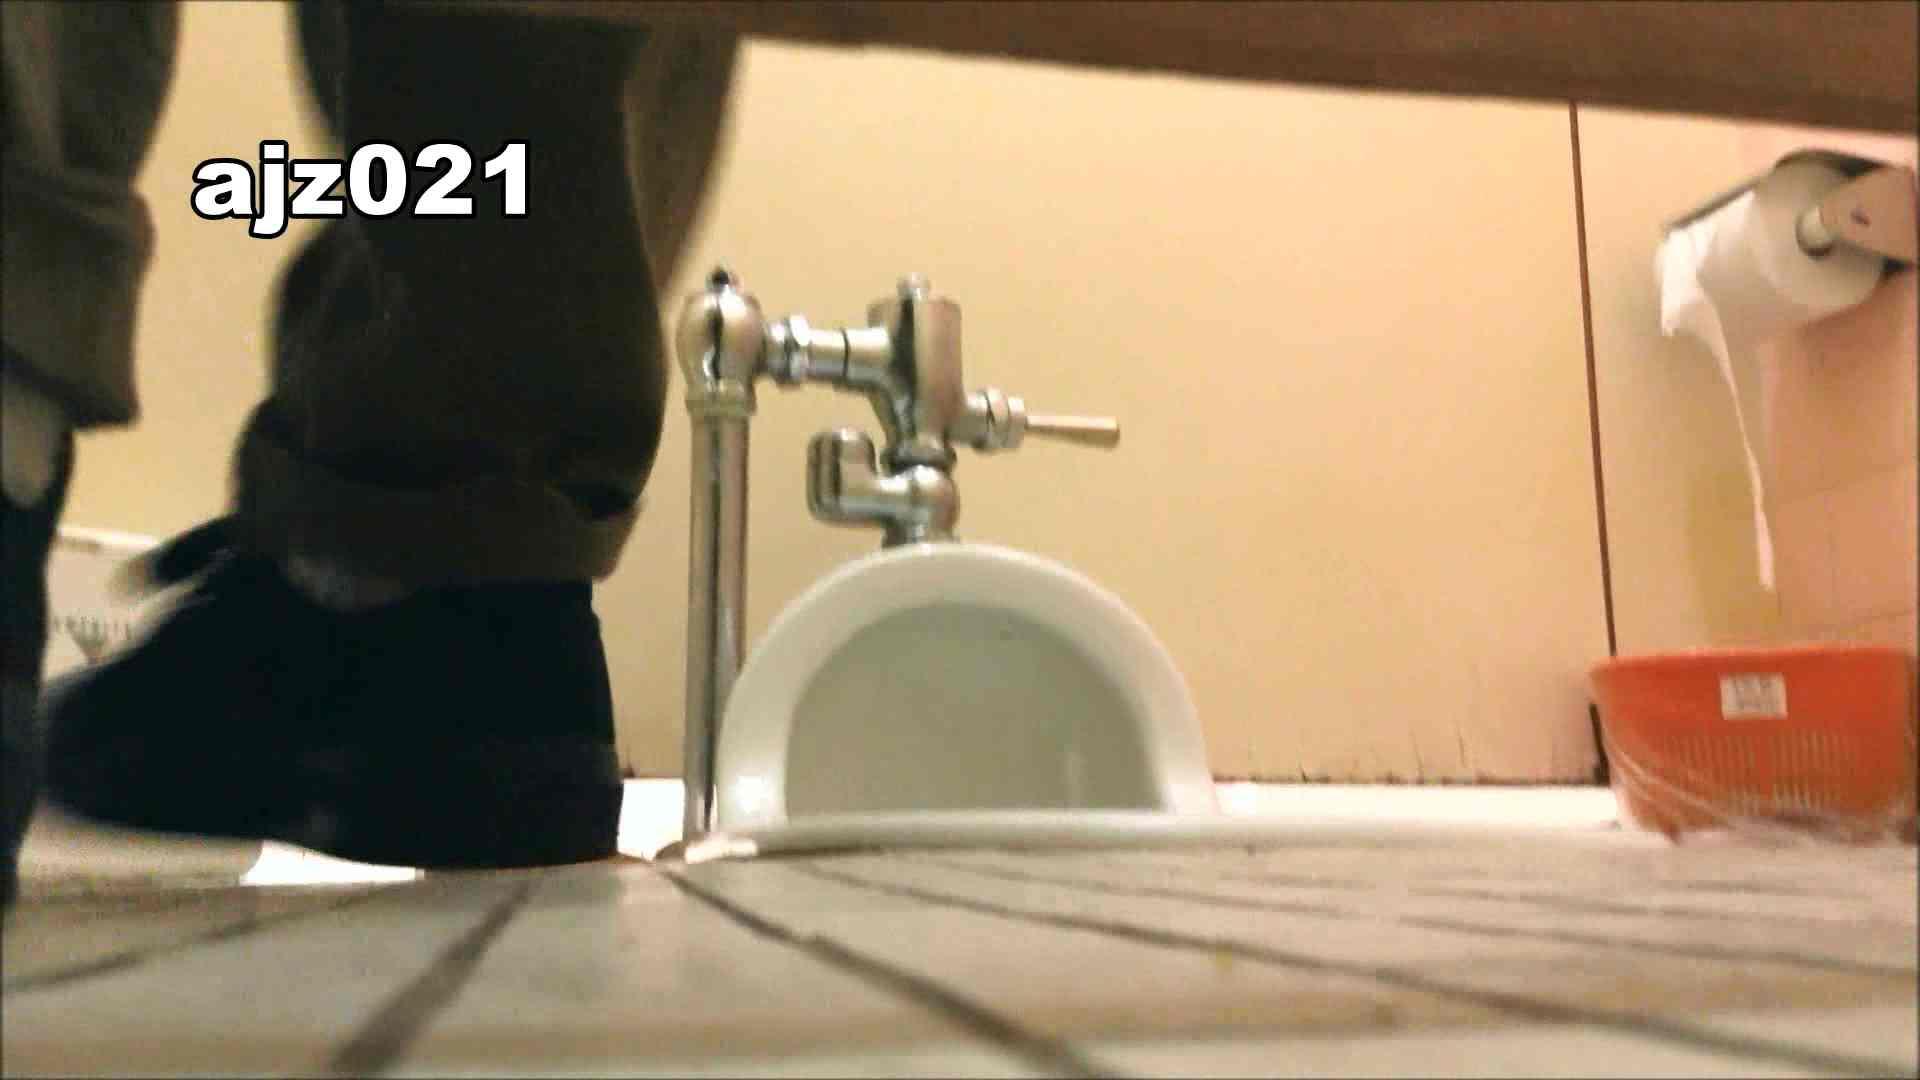 某有名大学女性洗面所 vol.21 洗面所 盗撮おめこ無修正動画無料 75画像 38